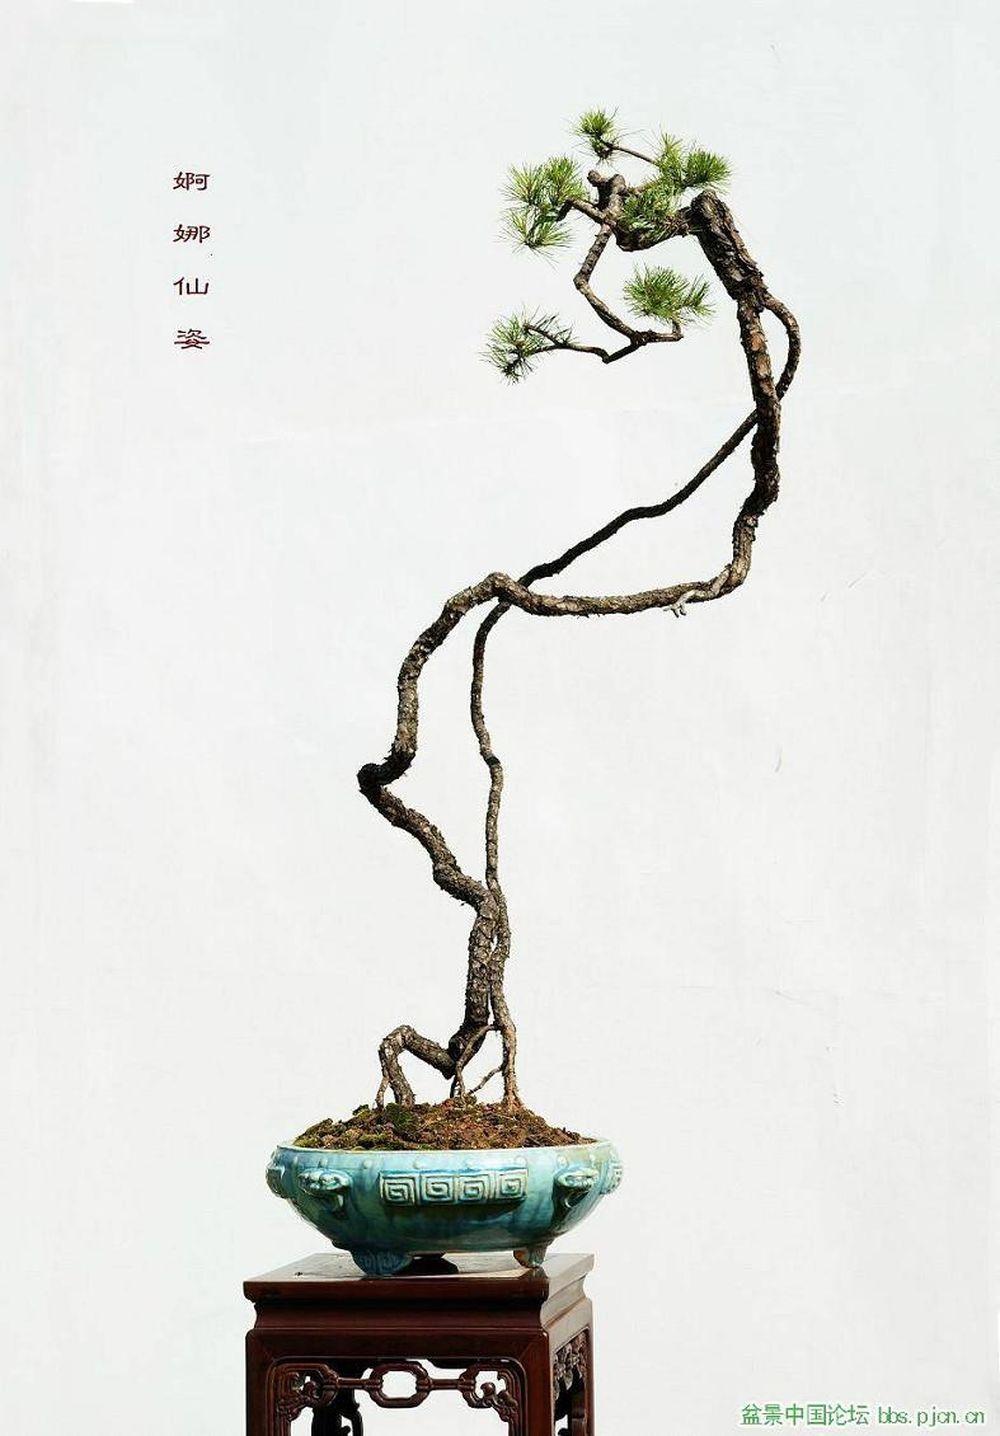 đẹp Hut Mắt Loạt Bonsai Dang Văn Nhan đầy Nghệ Thuật Bao